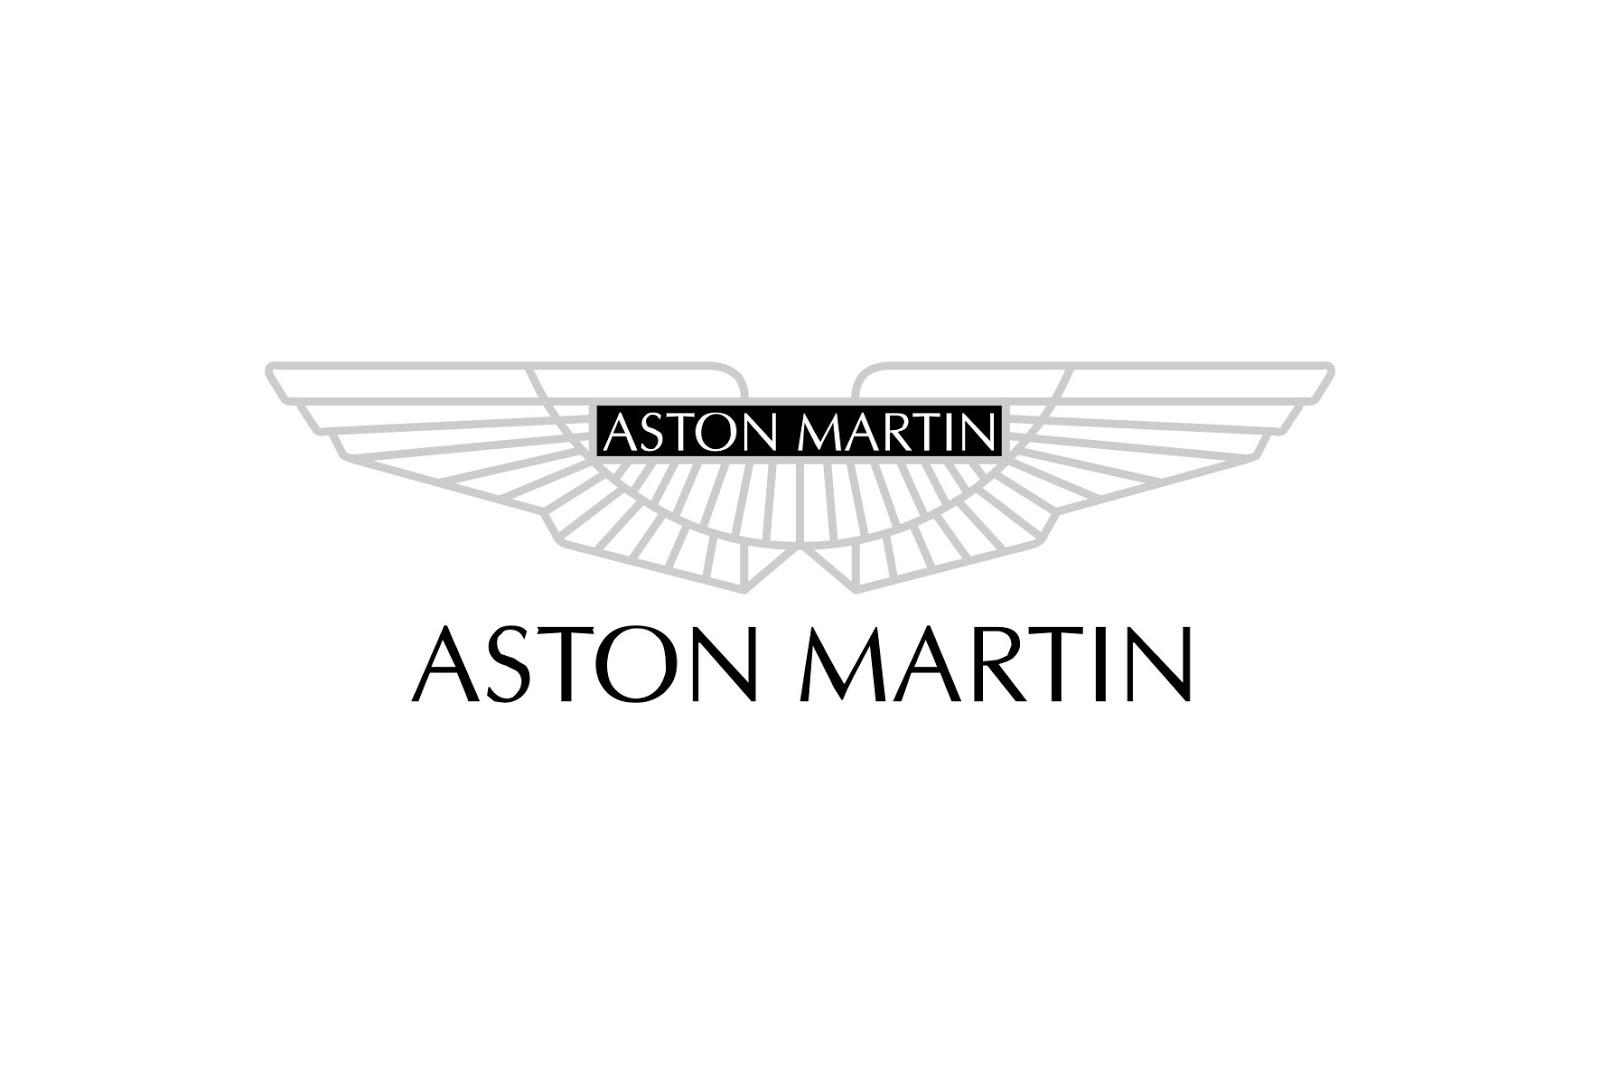 aston martin logo - automotive car center